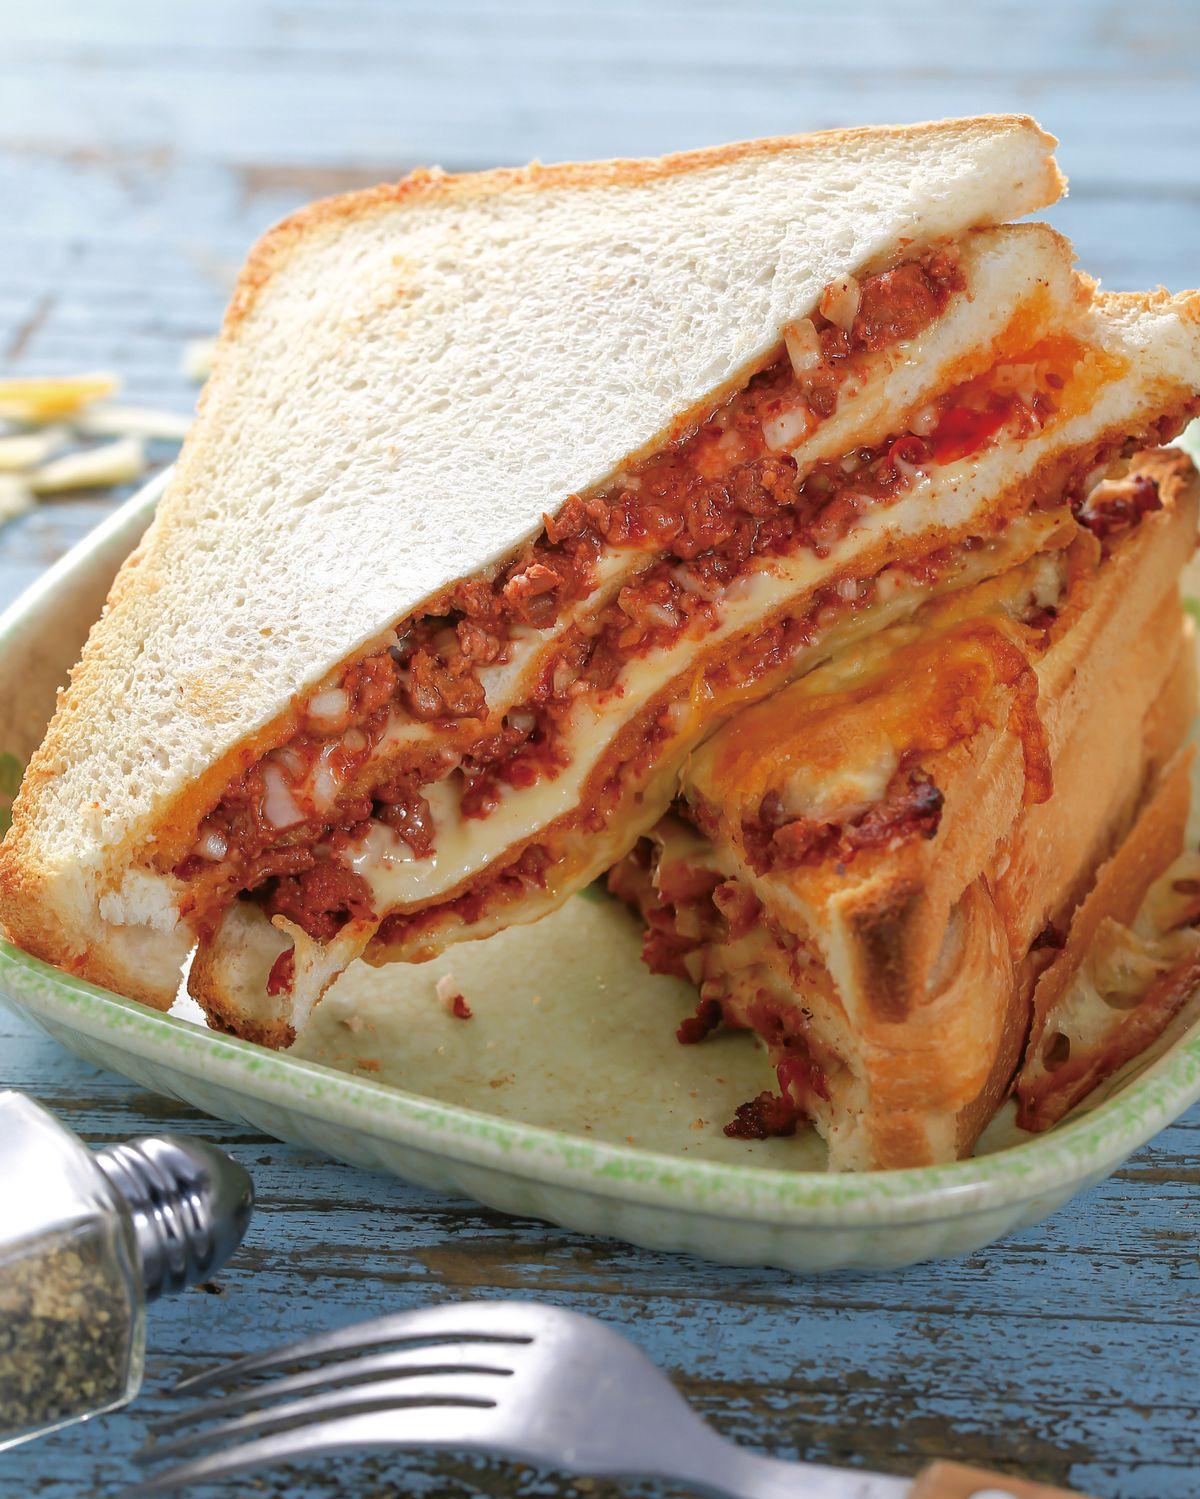 食譜:焗烤肉醬吐司